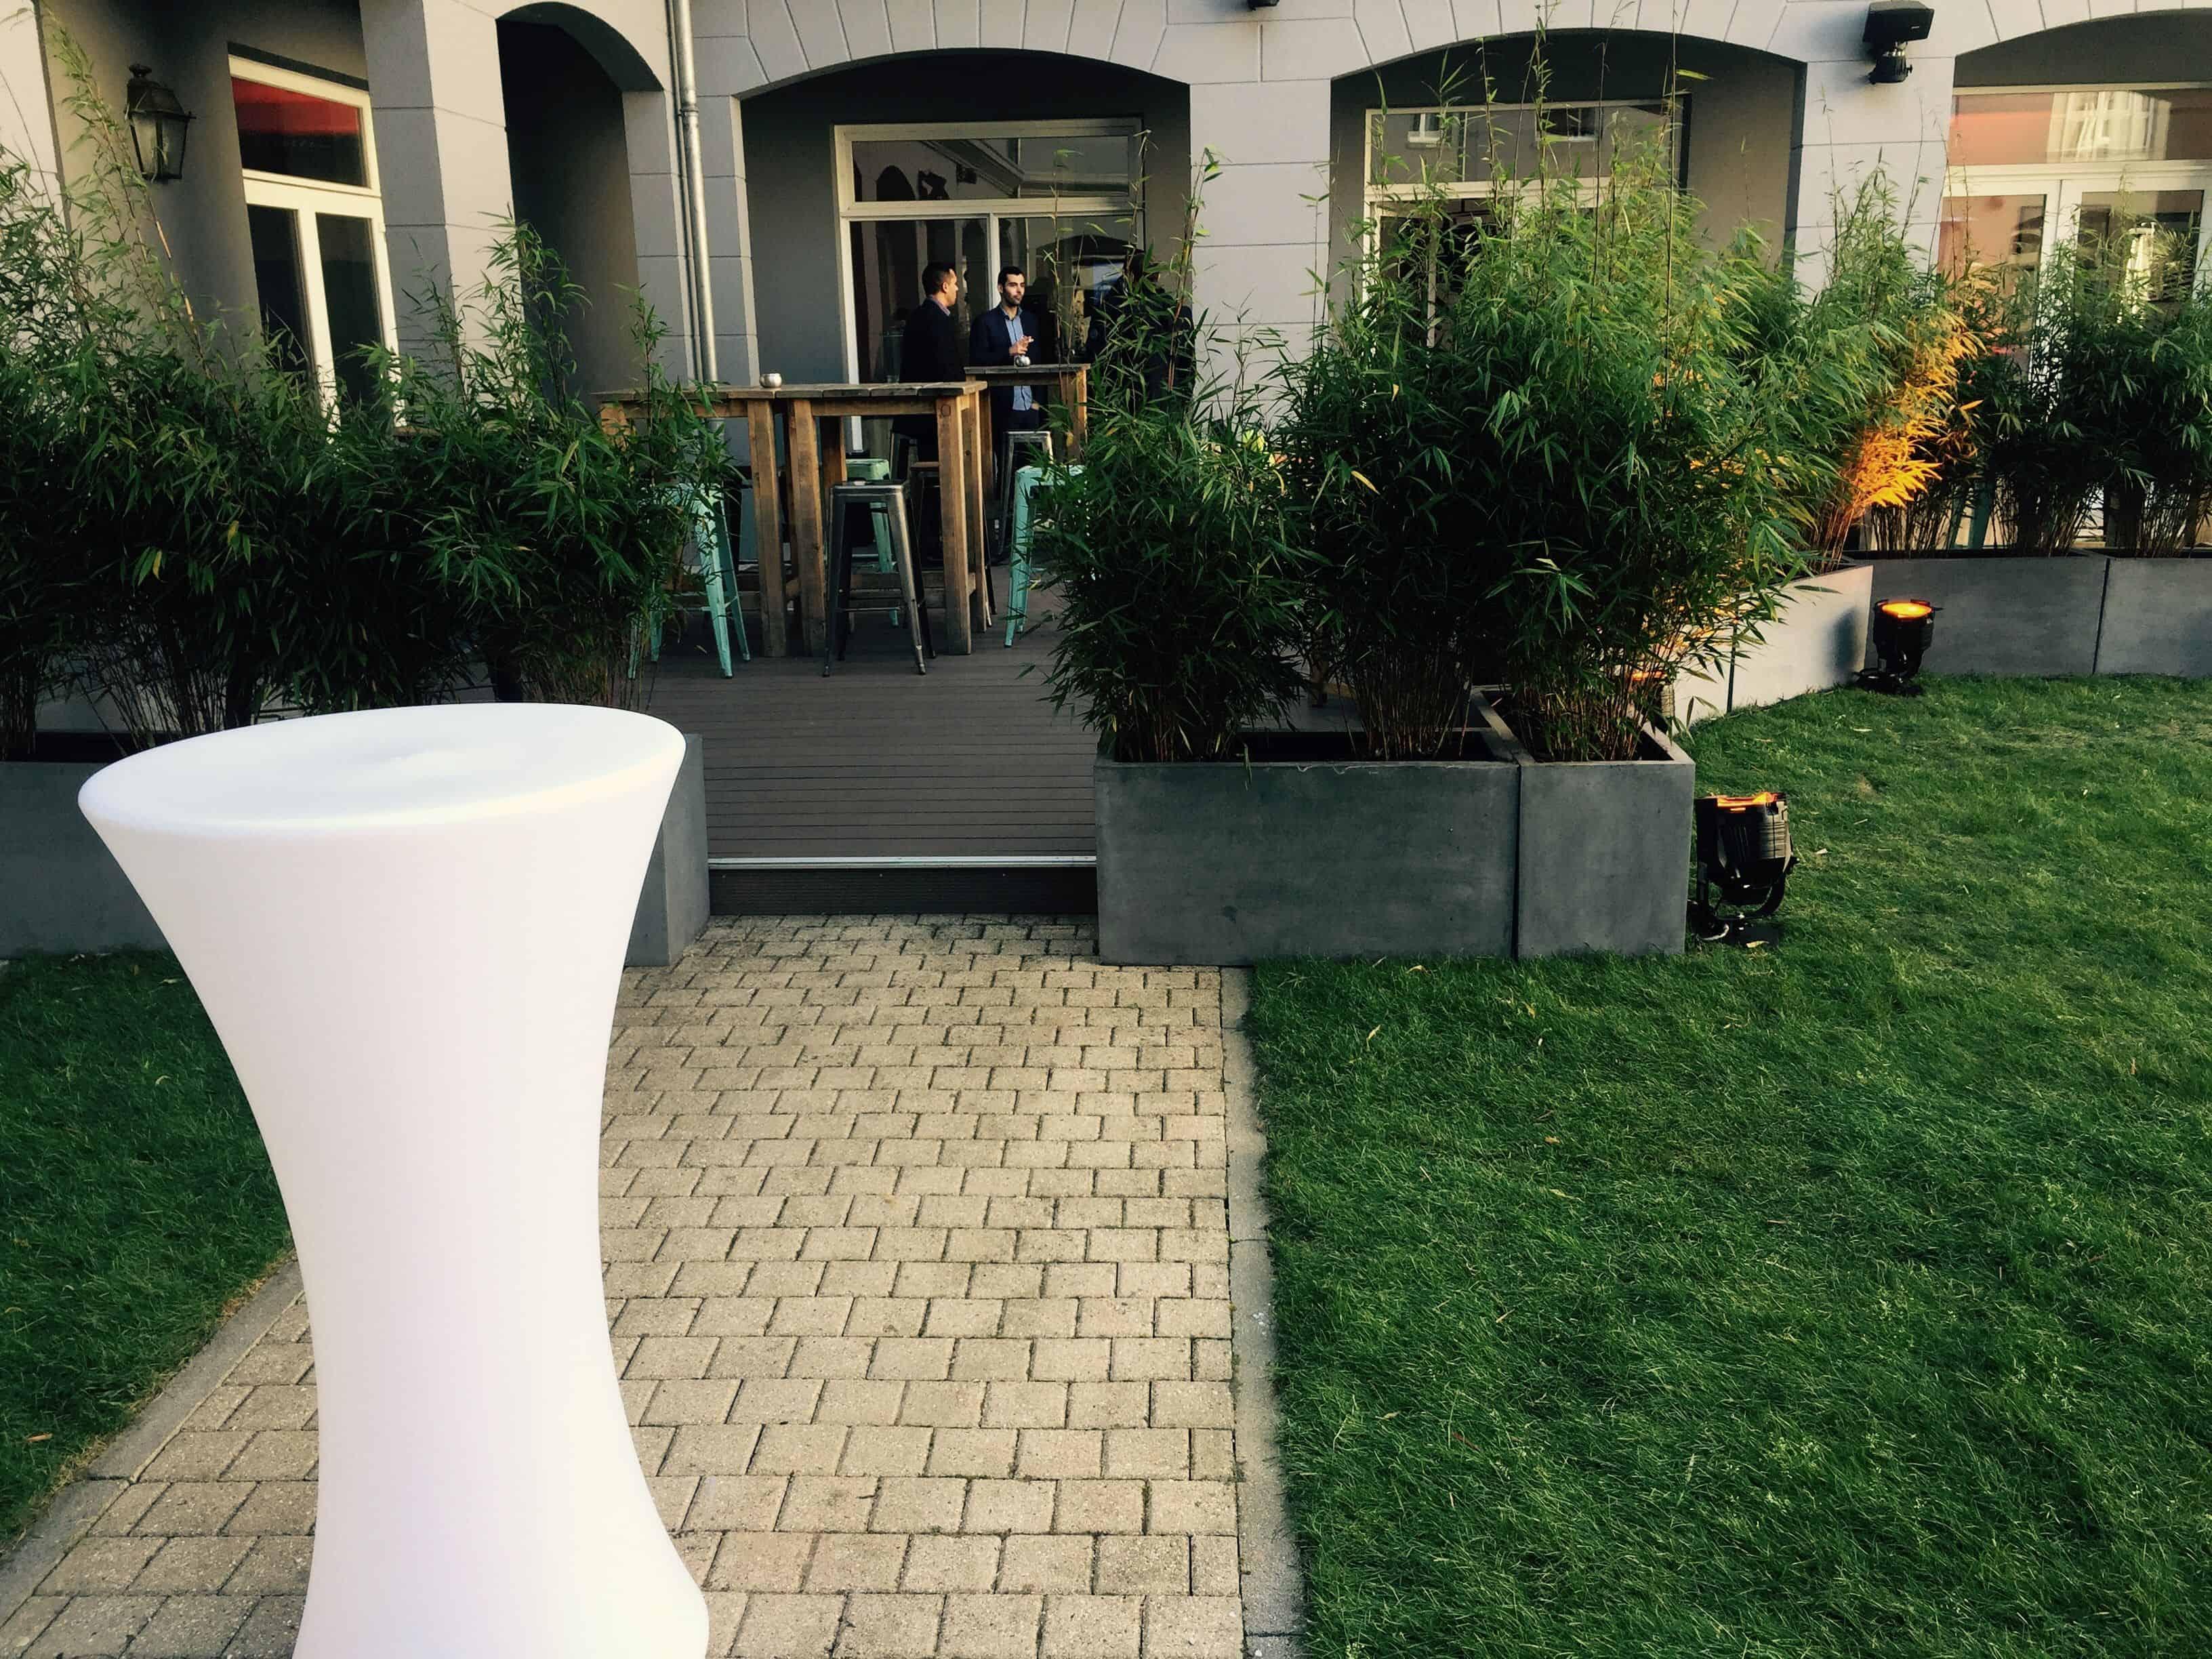 Outdoor garden arrangement with furniture – pentahotel paris